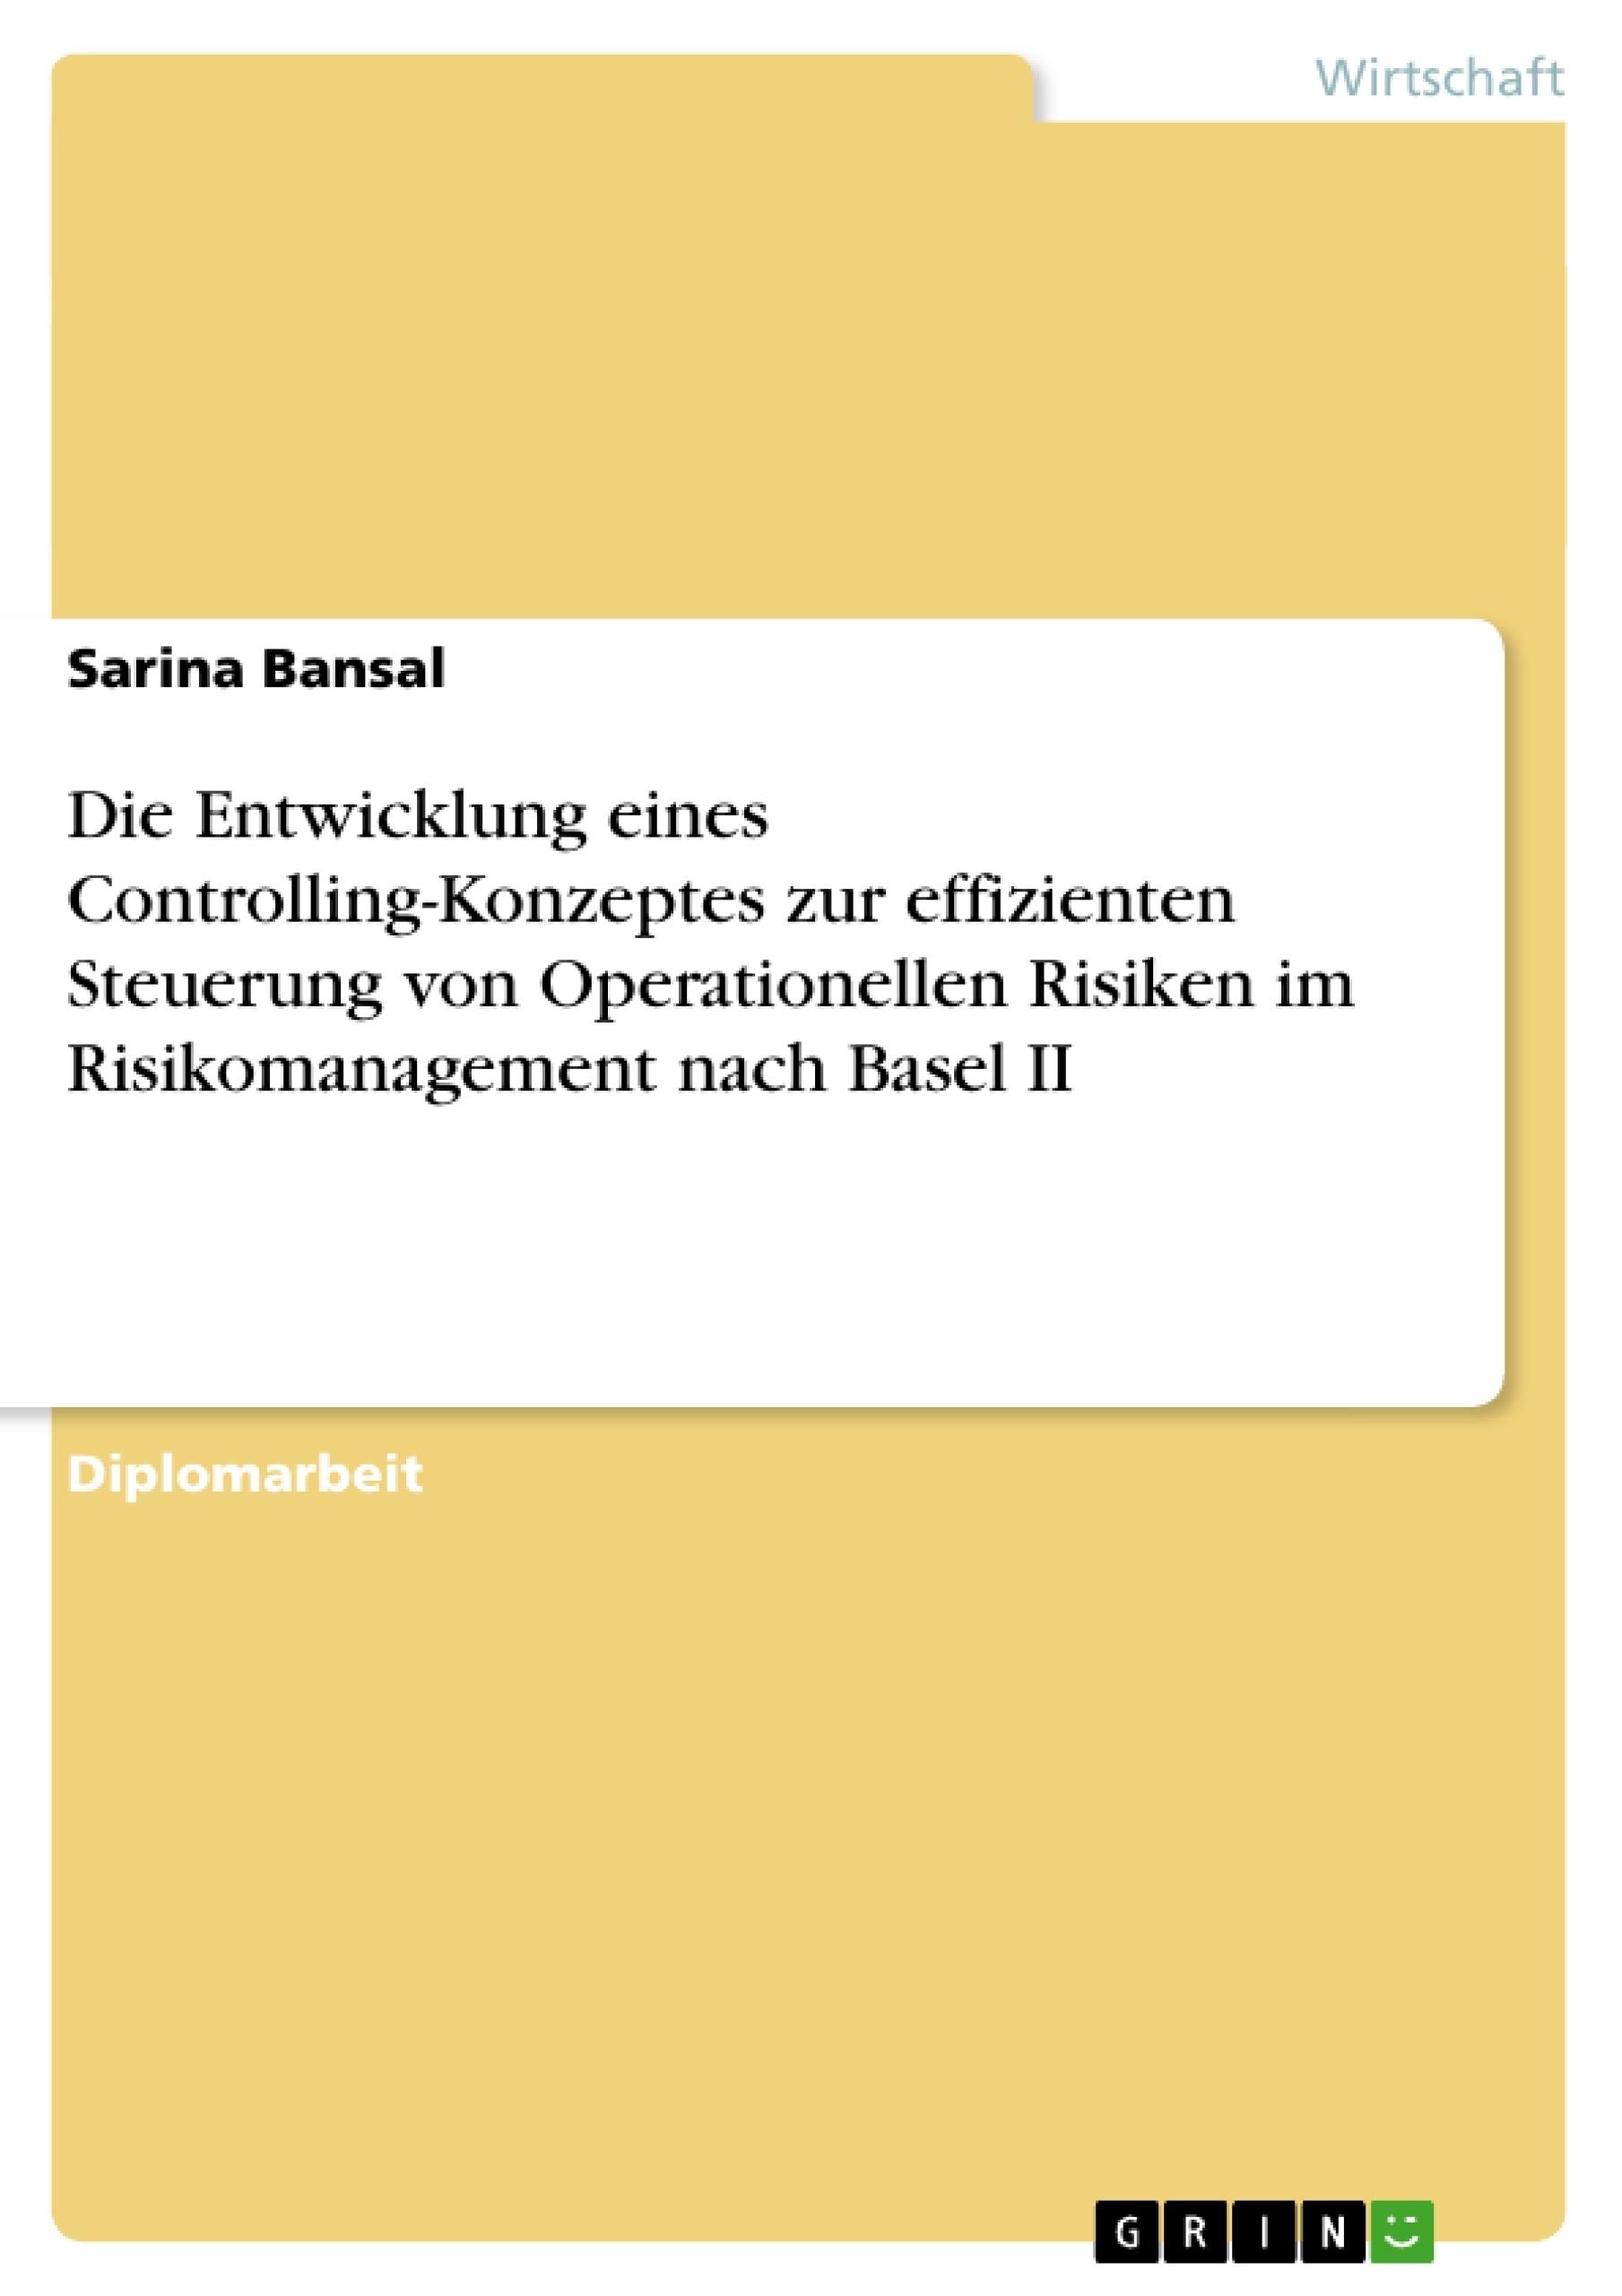 Titel: Die Entwicklung eines Controlling-Konzeptes zur effizienten Steuerung von Operationellen Risiken im Risikomanagement nach Basel II